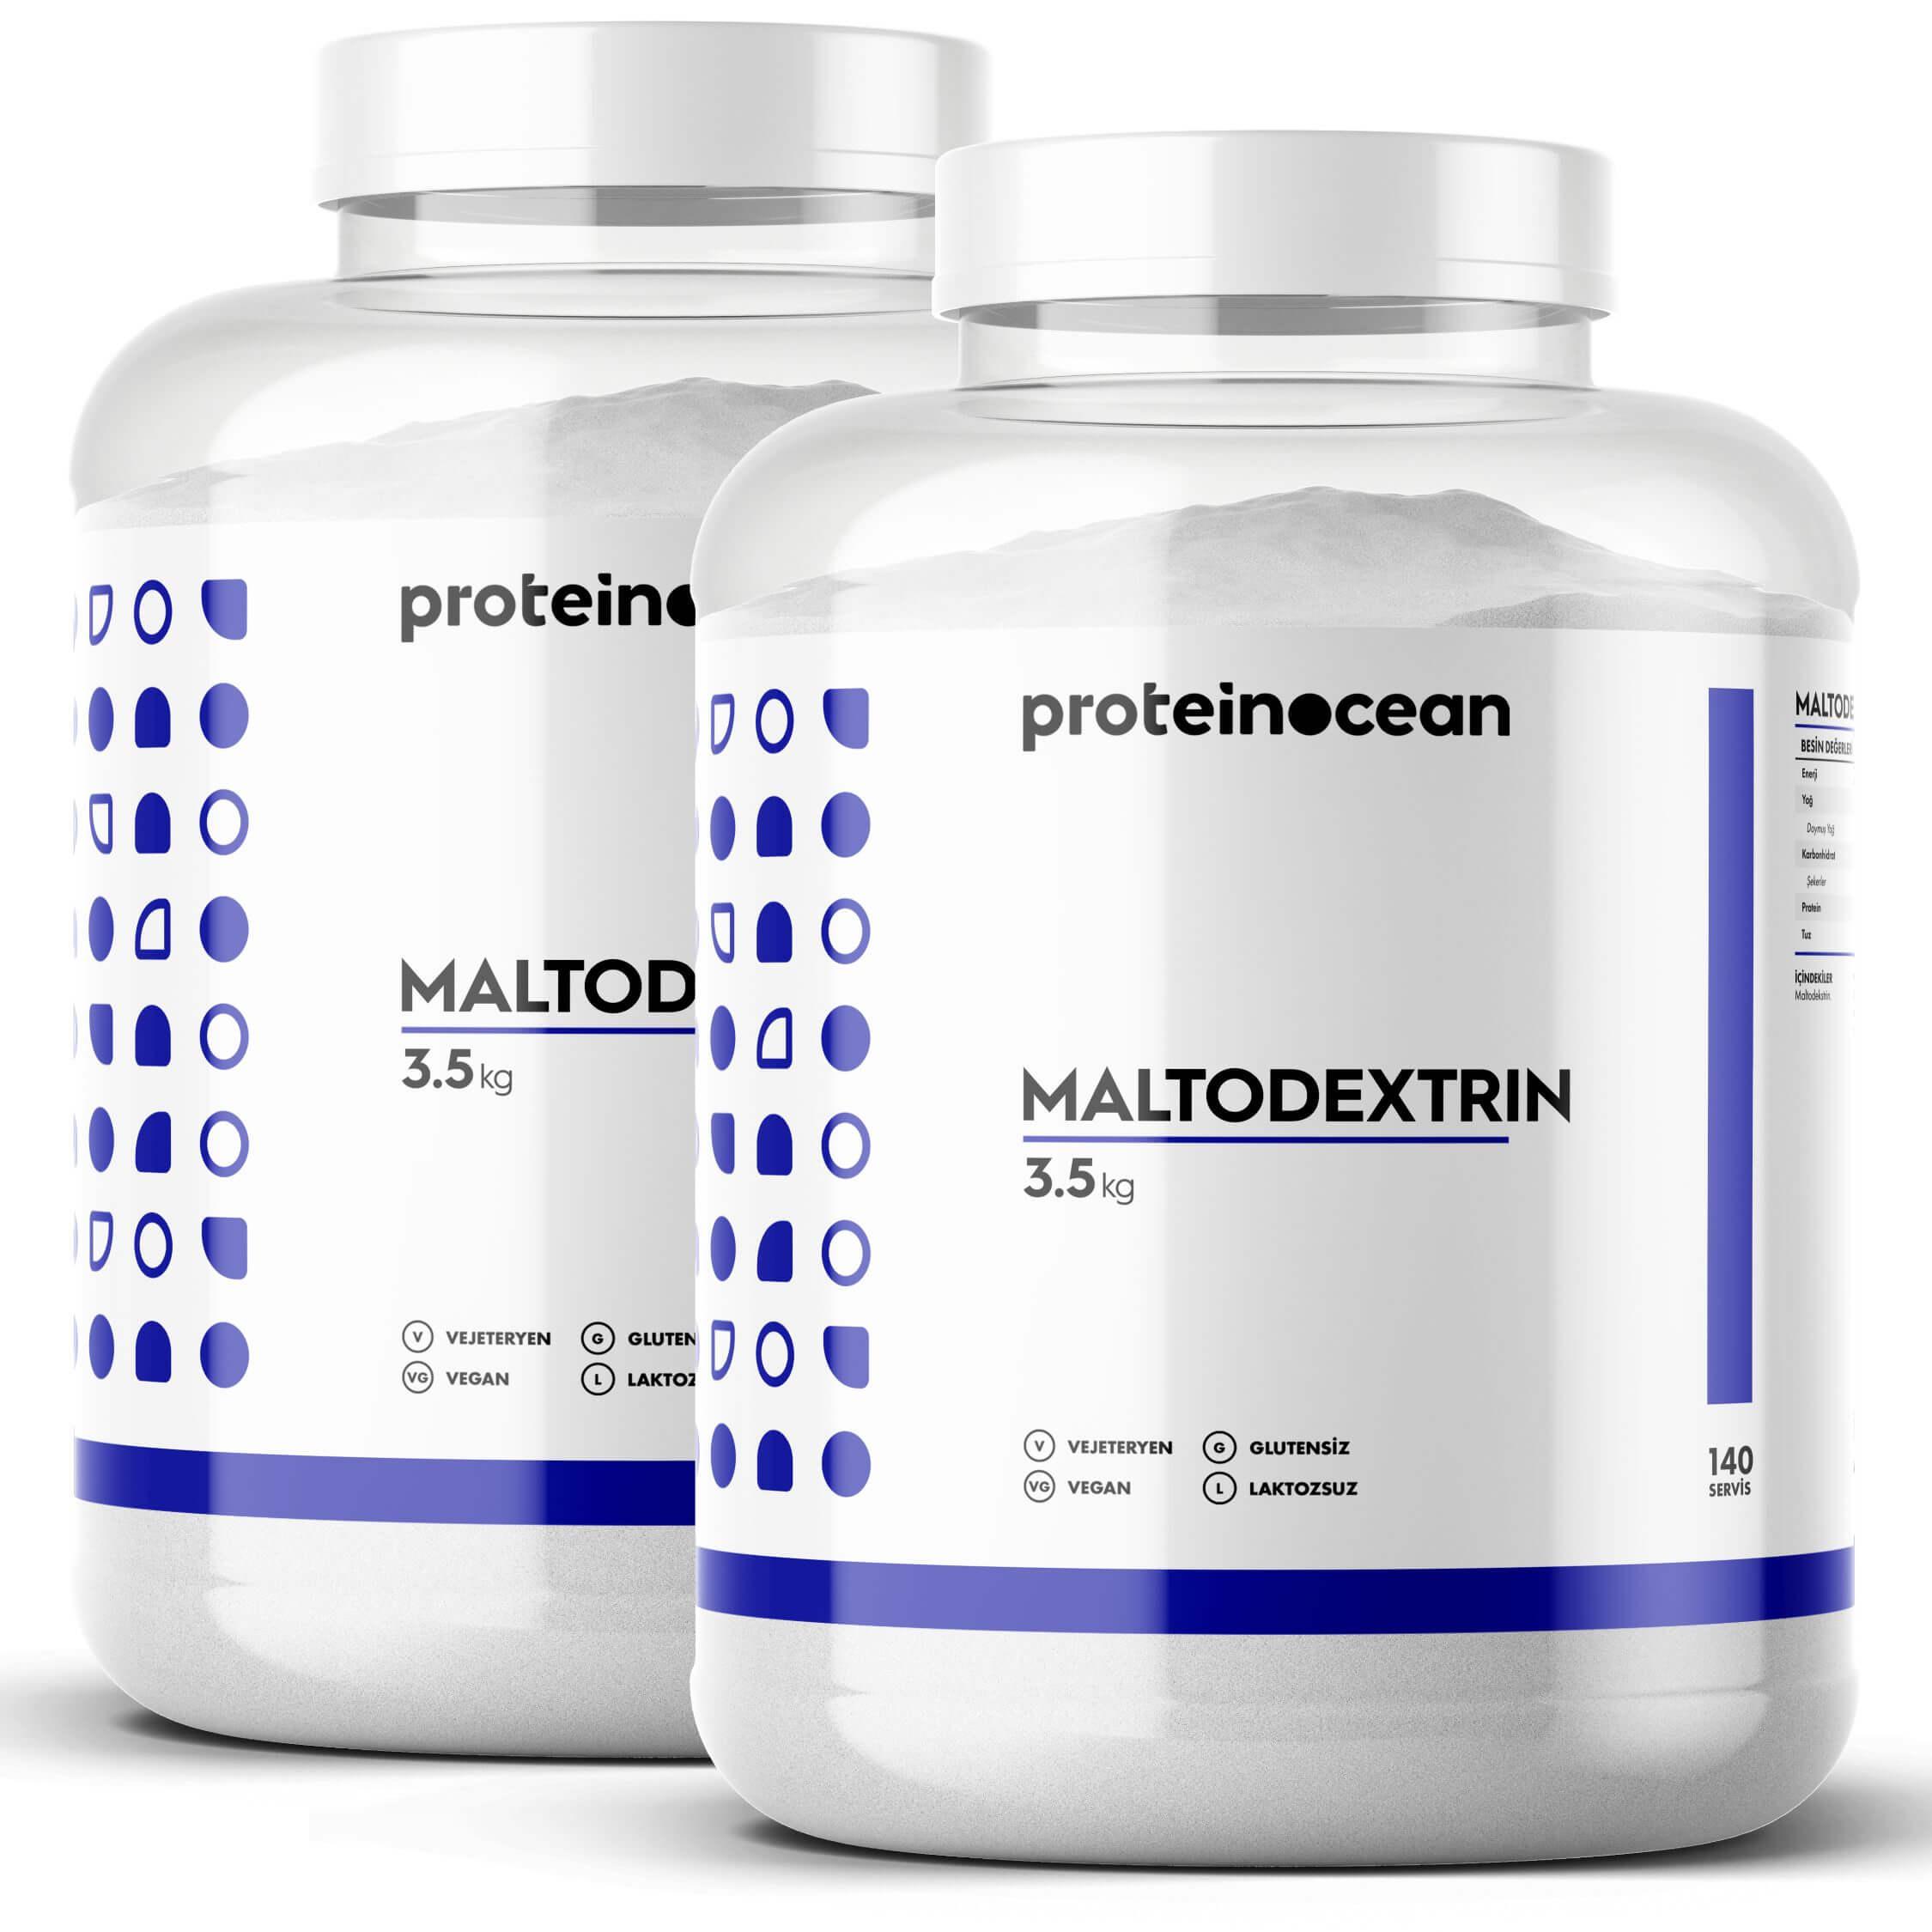 Мальтодекстрин: что это такое, польза и вред популярной пищевой добавки